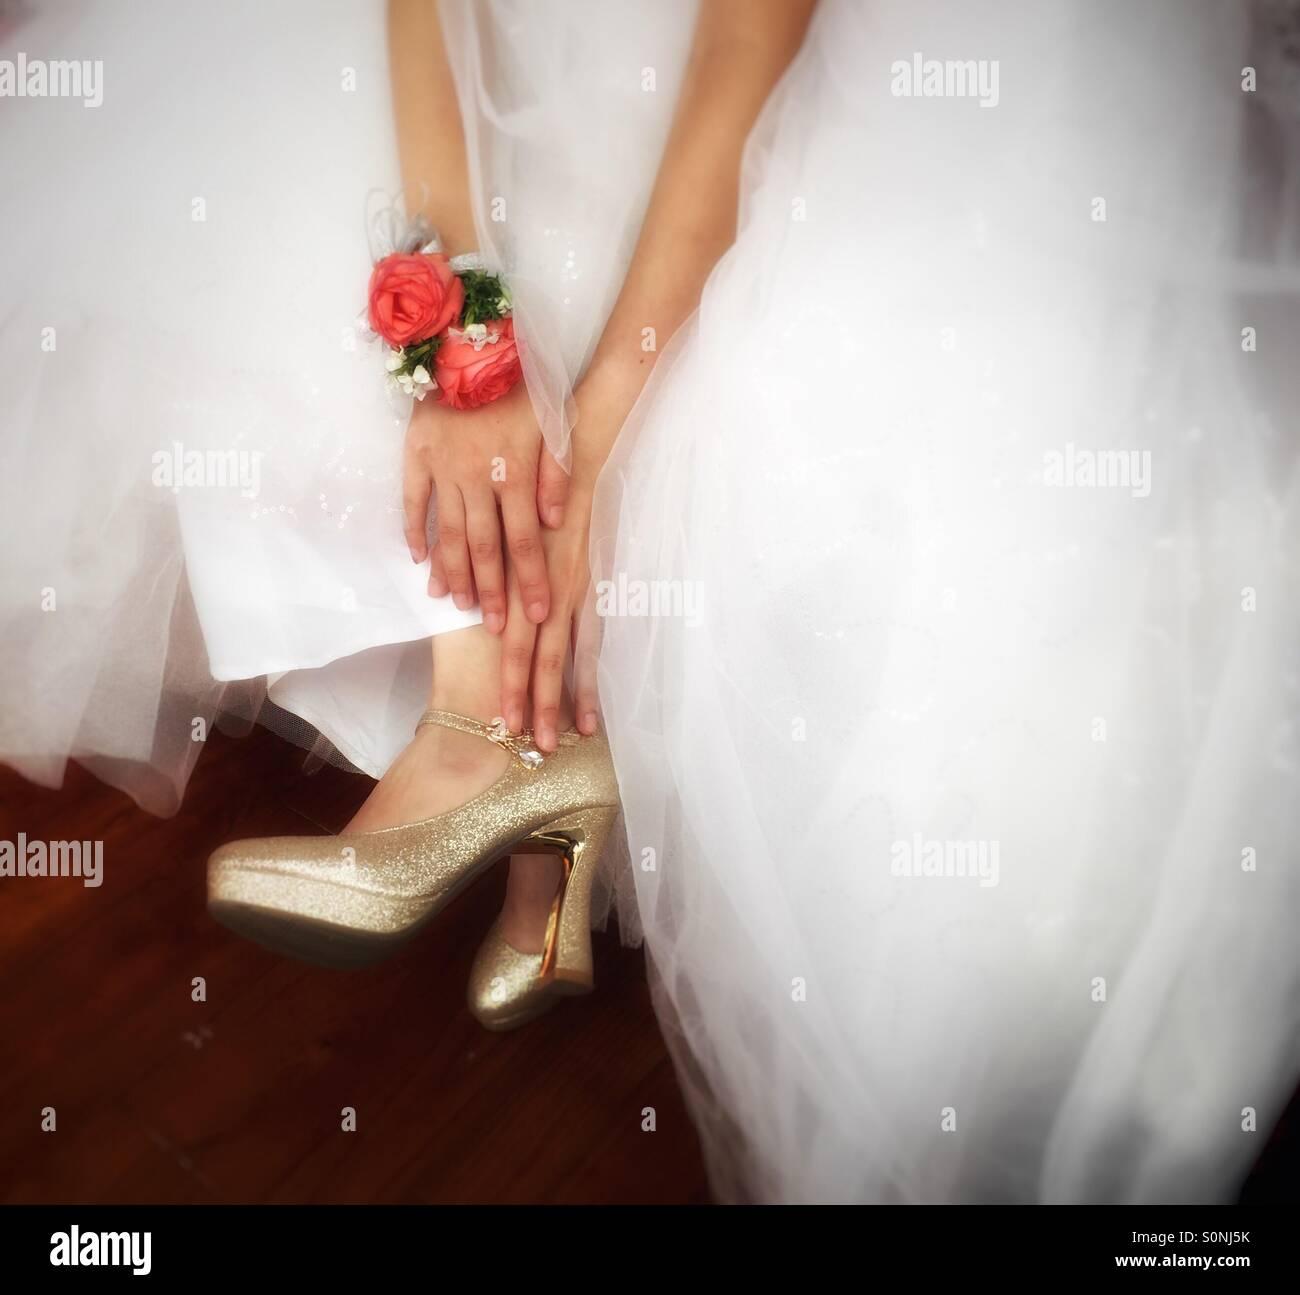 Chaussures de mariée jour du mariage Photo Stock